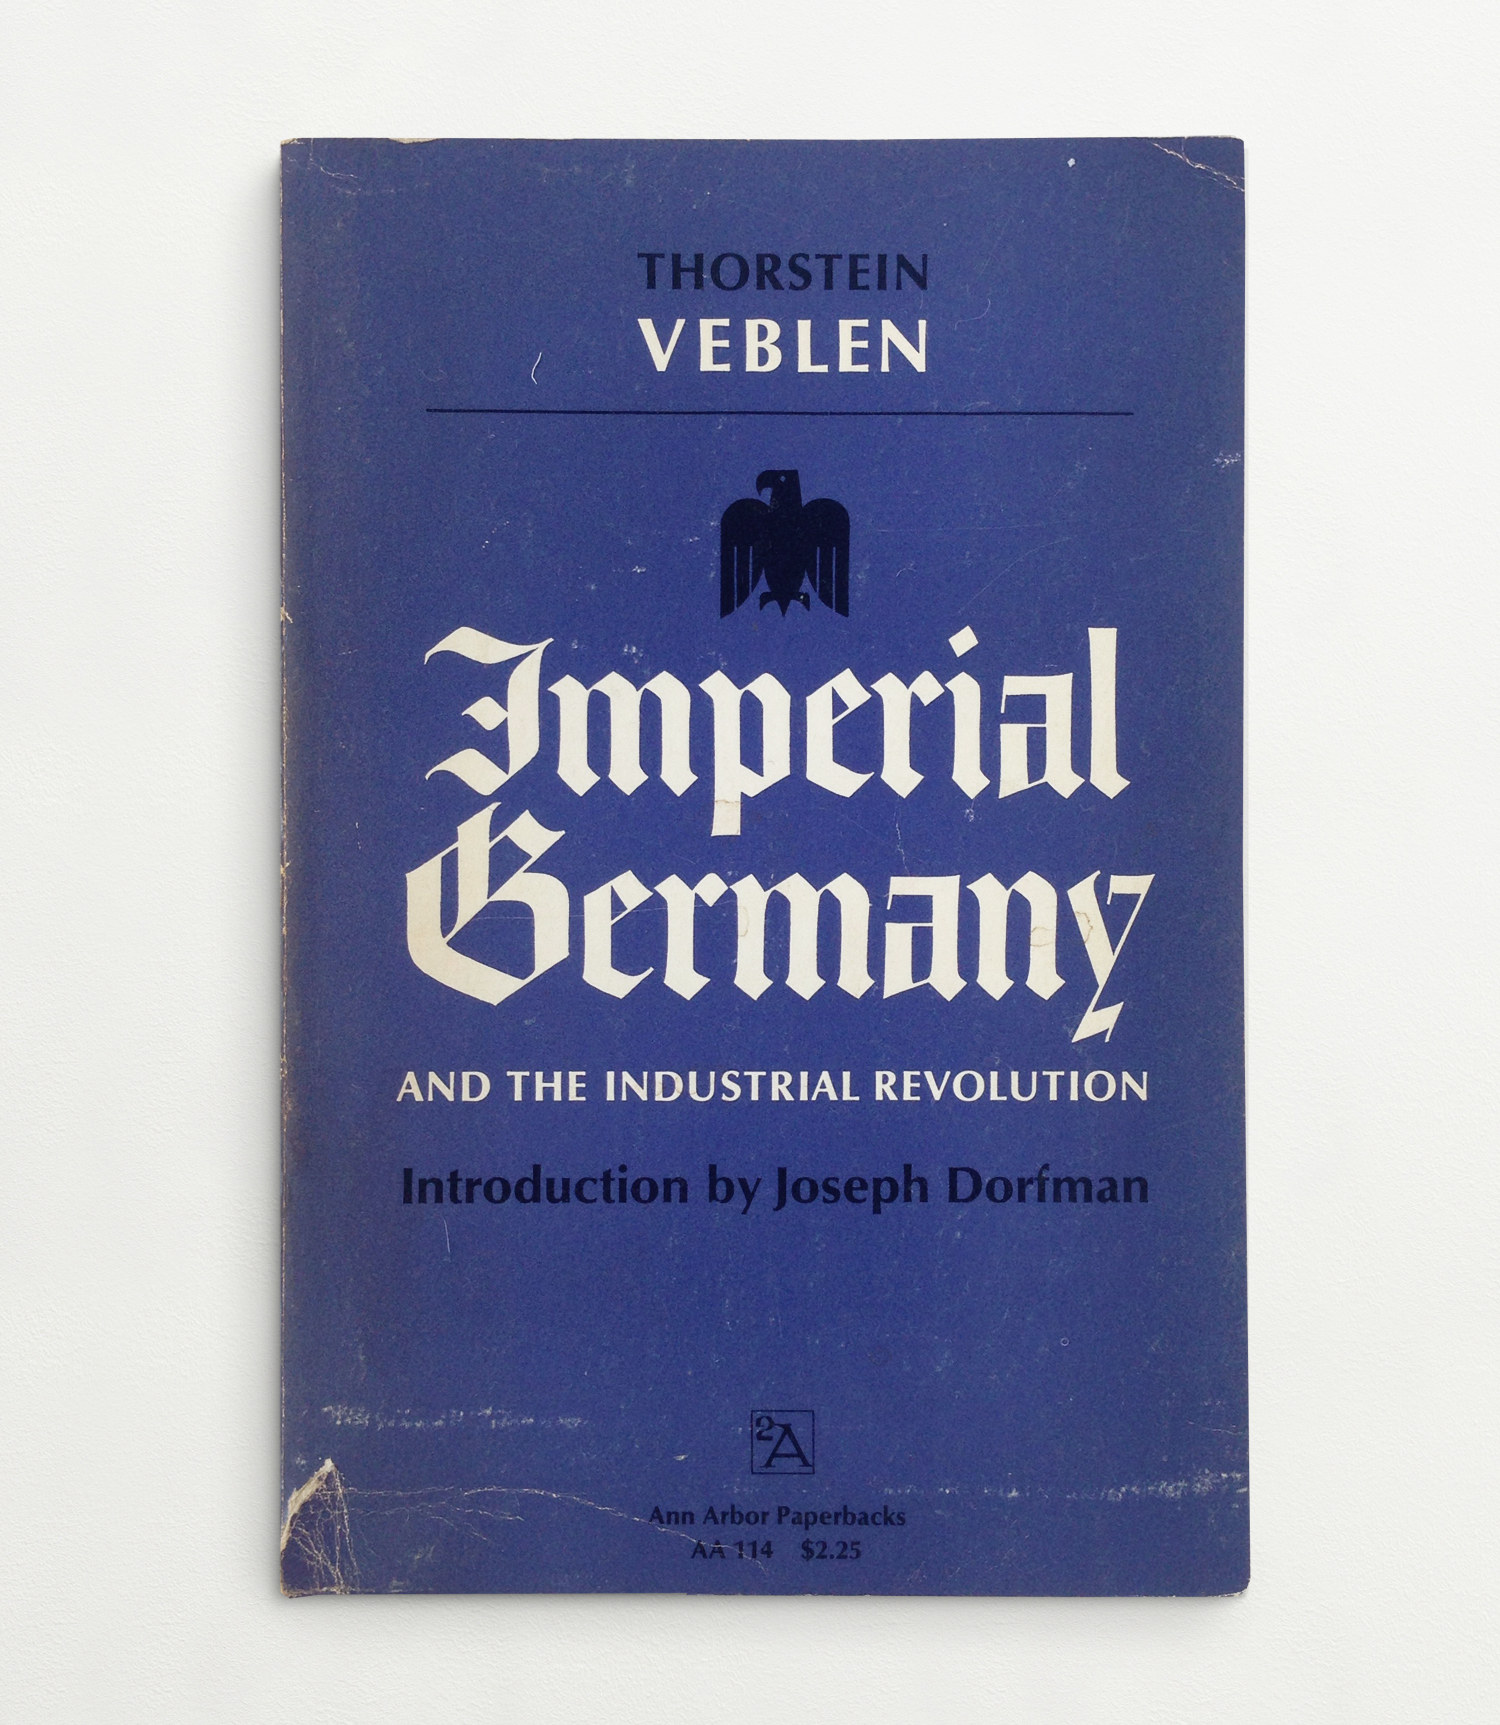 imperialgermany.jpg